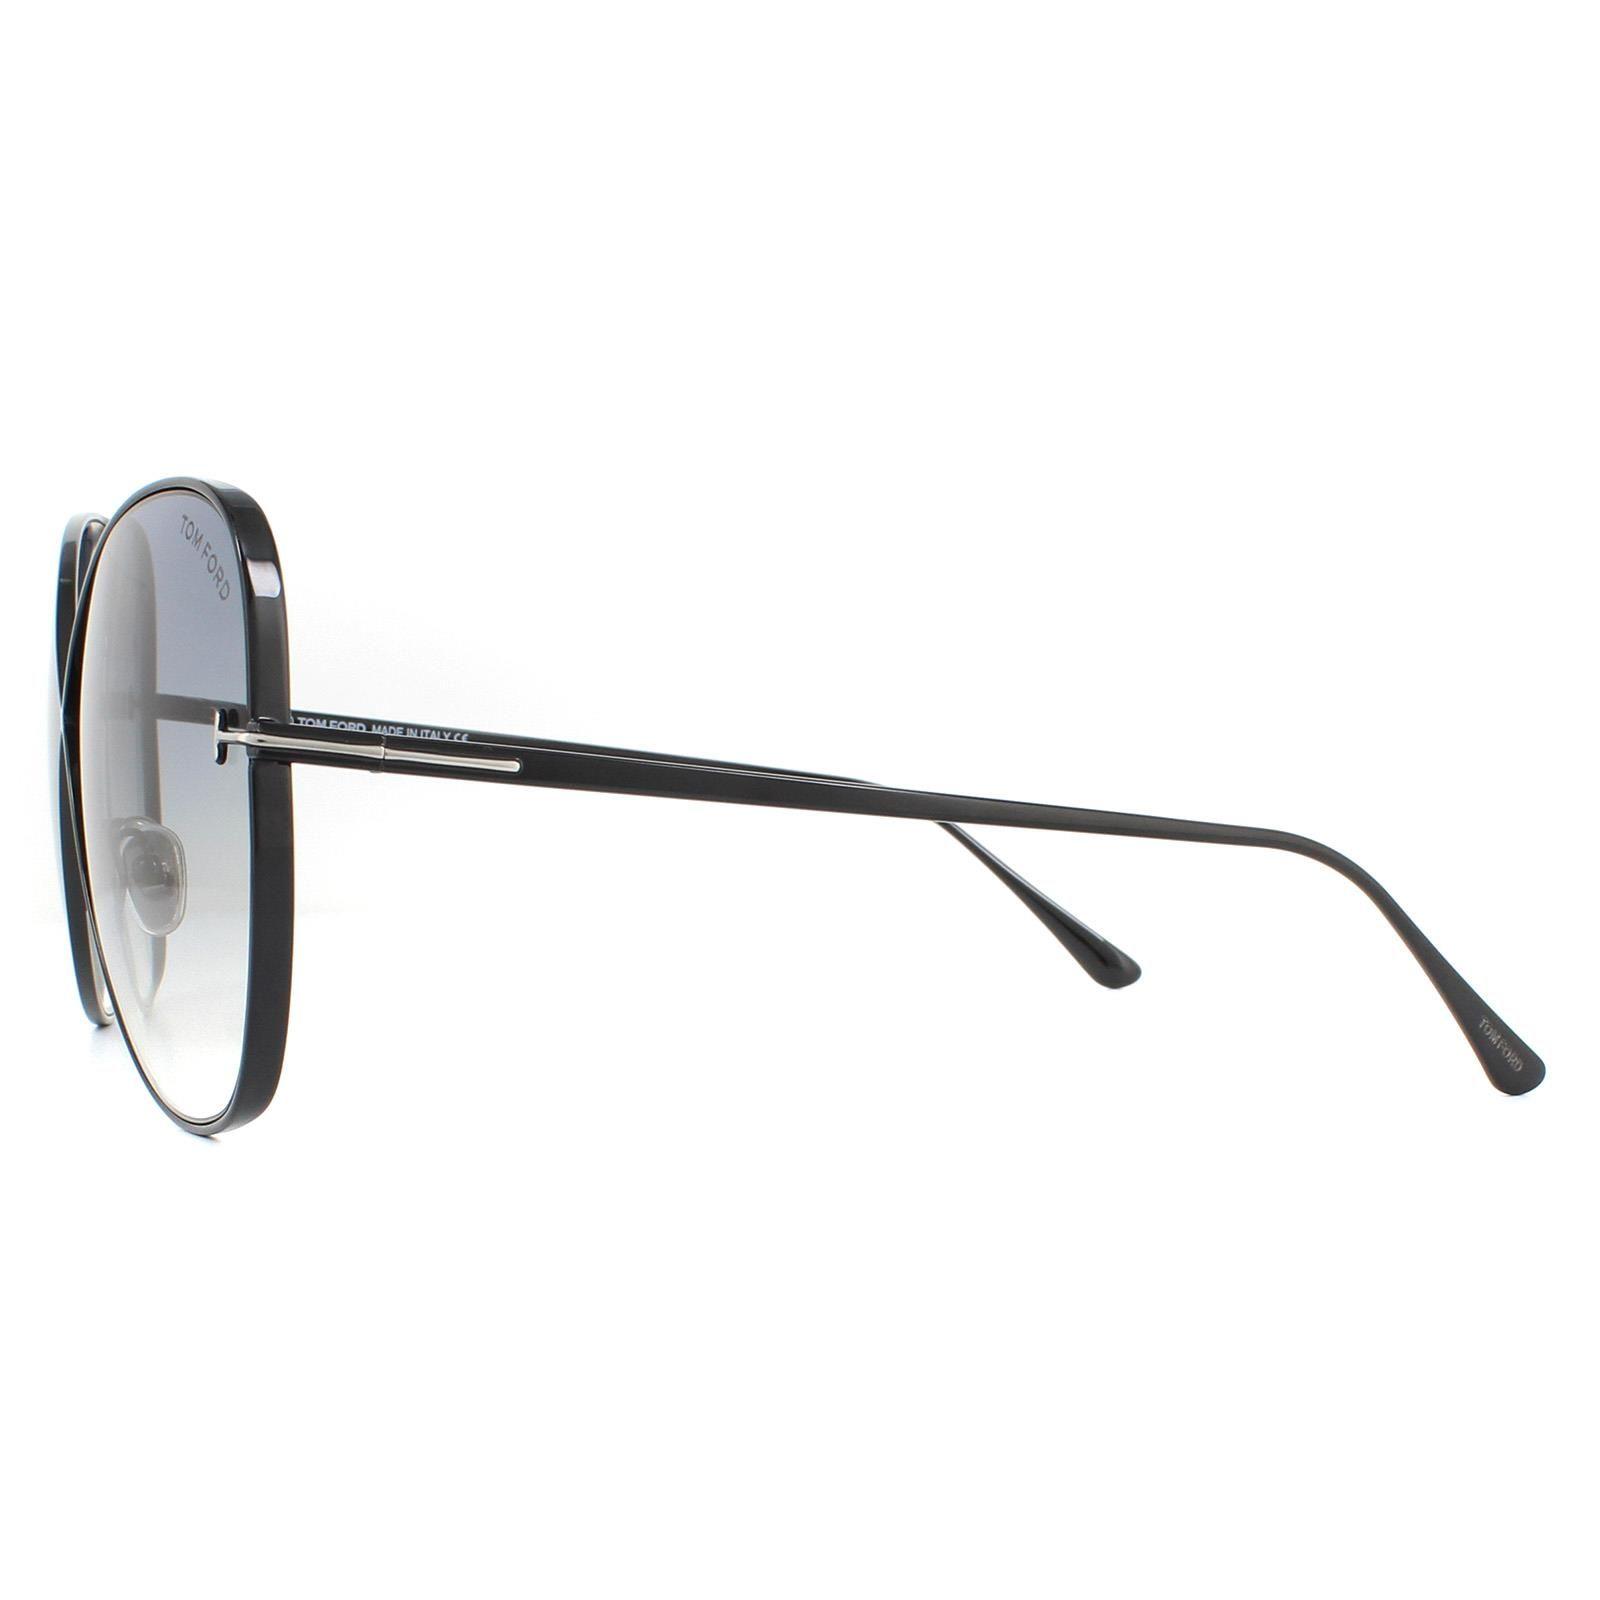 Tom Ford Sunglasses Nickie FT0842 01B Shiny Black Smoke Gradient